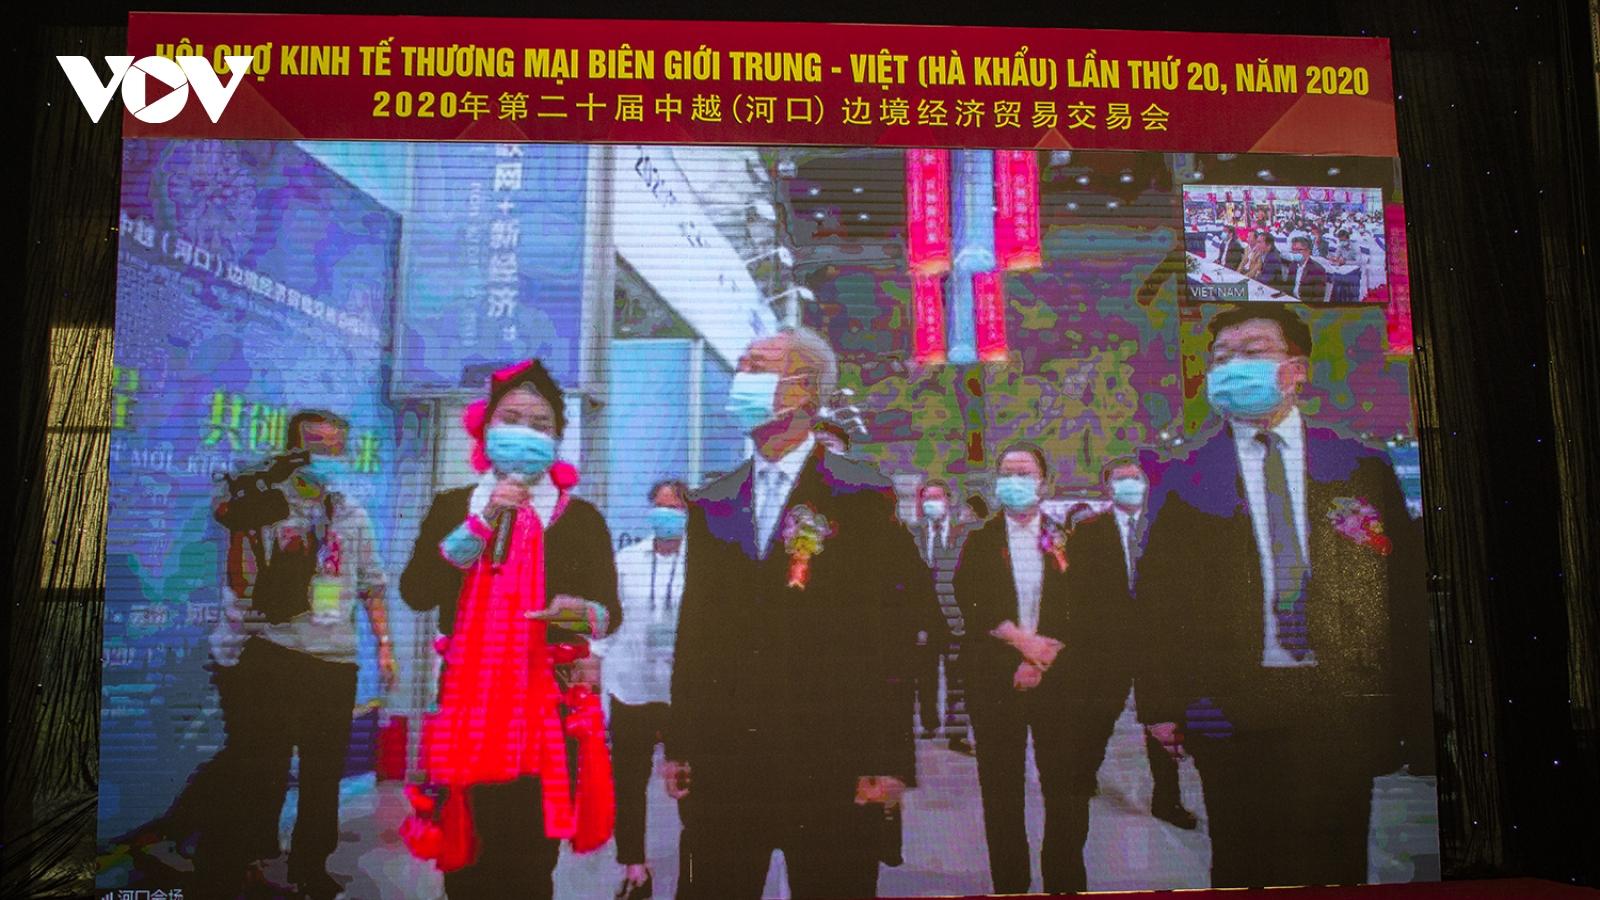 Khai mạc trực tuyến Hội chợ biên giới Việt – Trung 2020